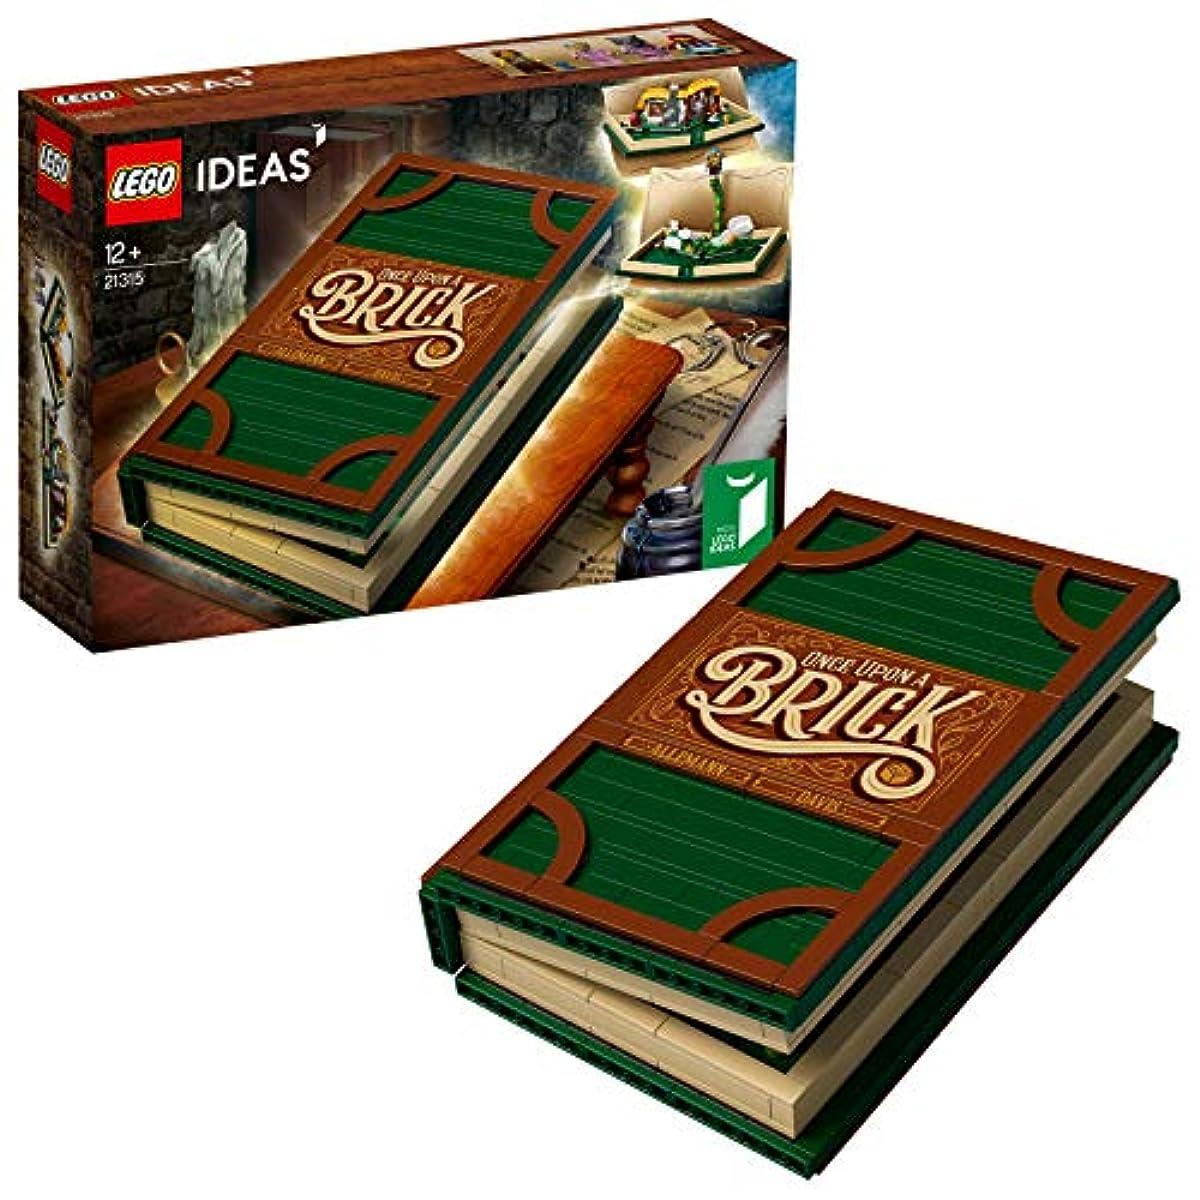 [해외] 레고(LEGO) 아이디어 뛰어나가는 걸어 그림책 21315 블럭 장난감